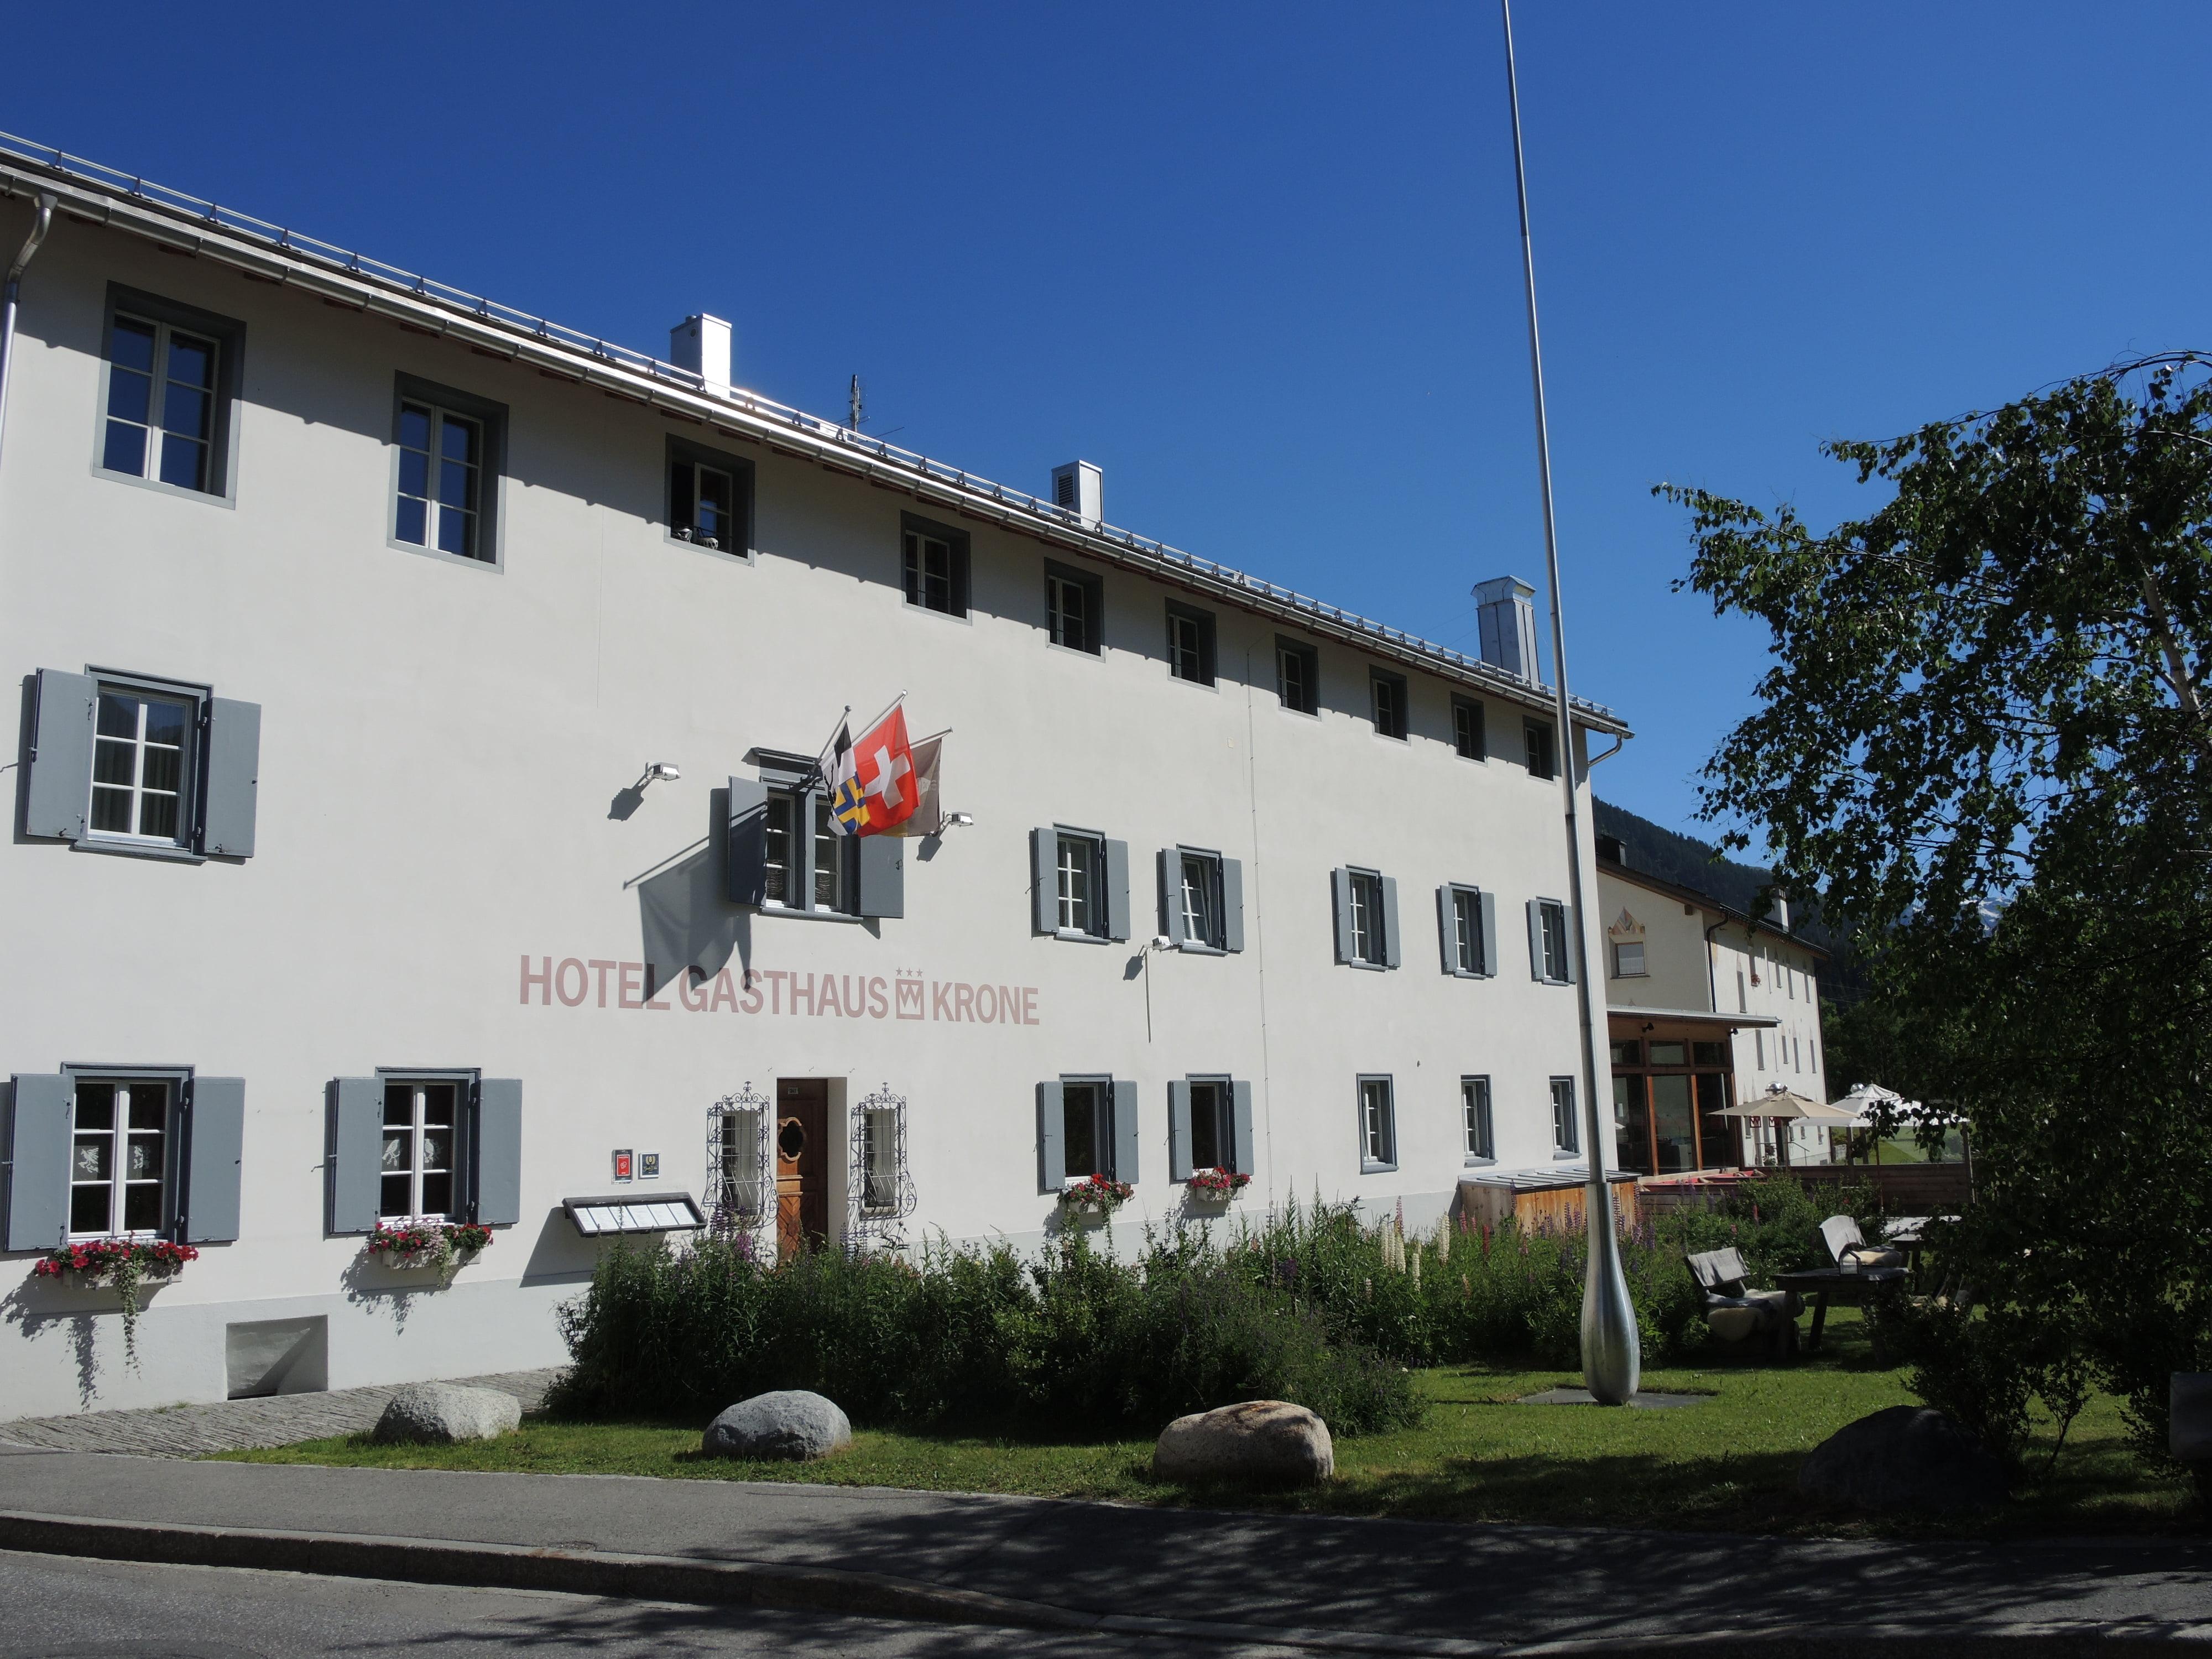 Hotel Gasthaus Krone, La Punt